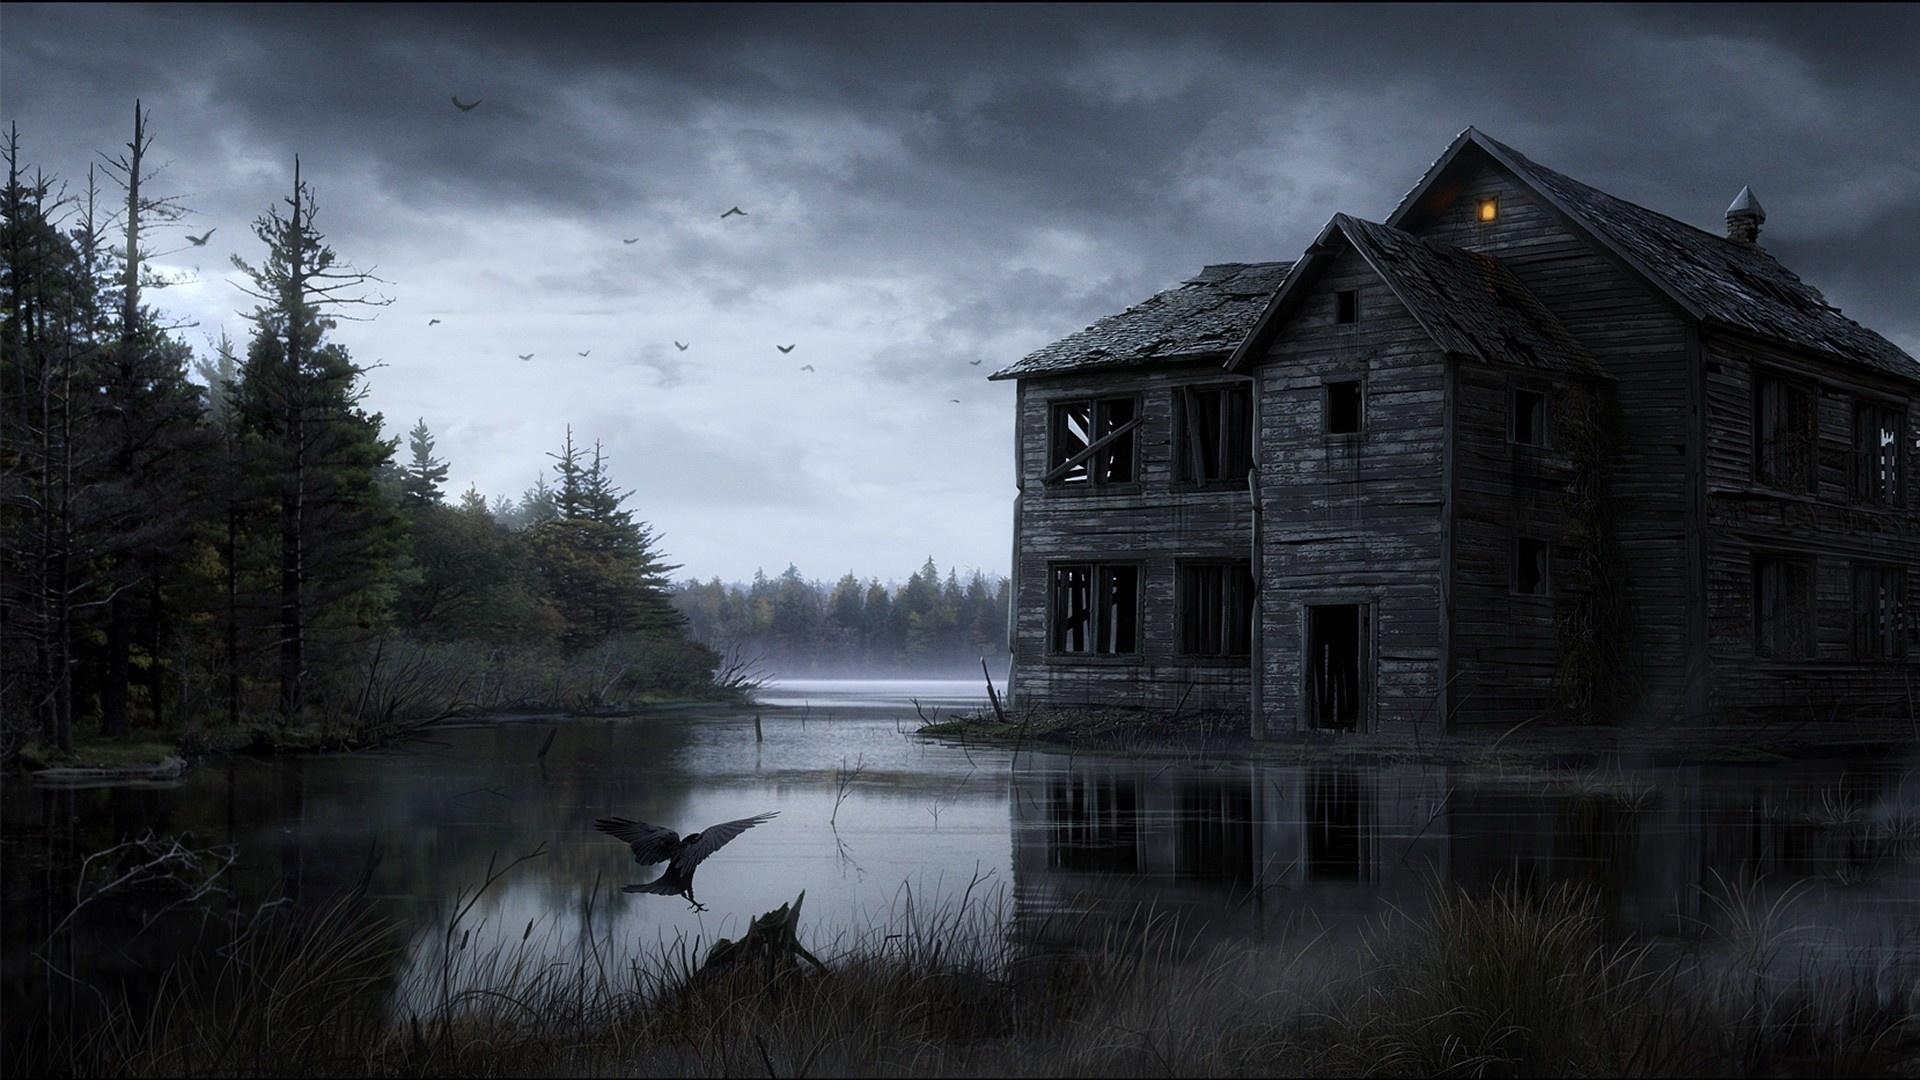 creepy halloween picture